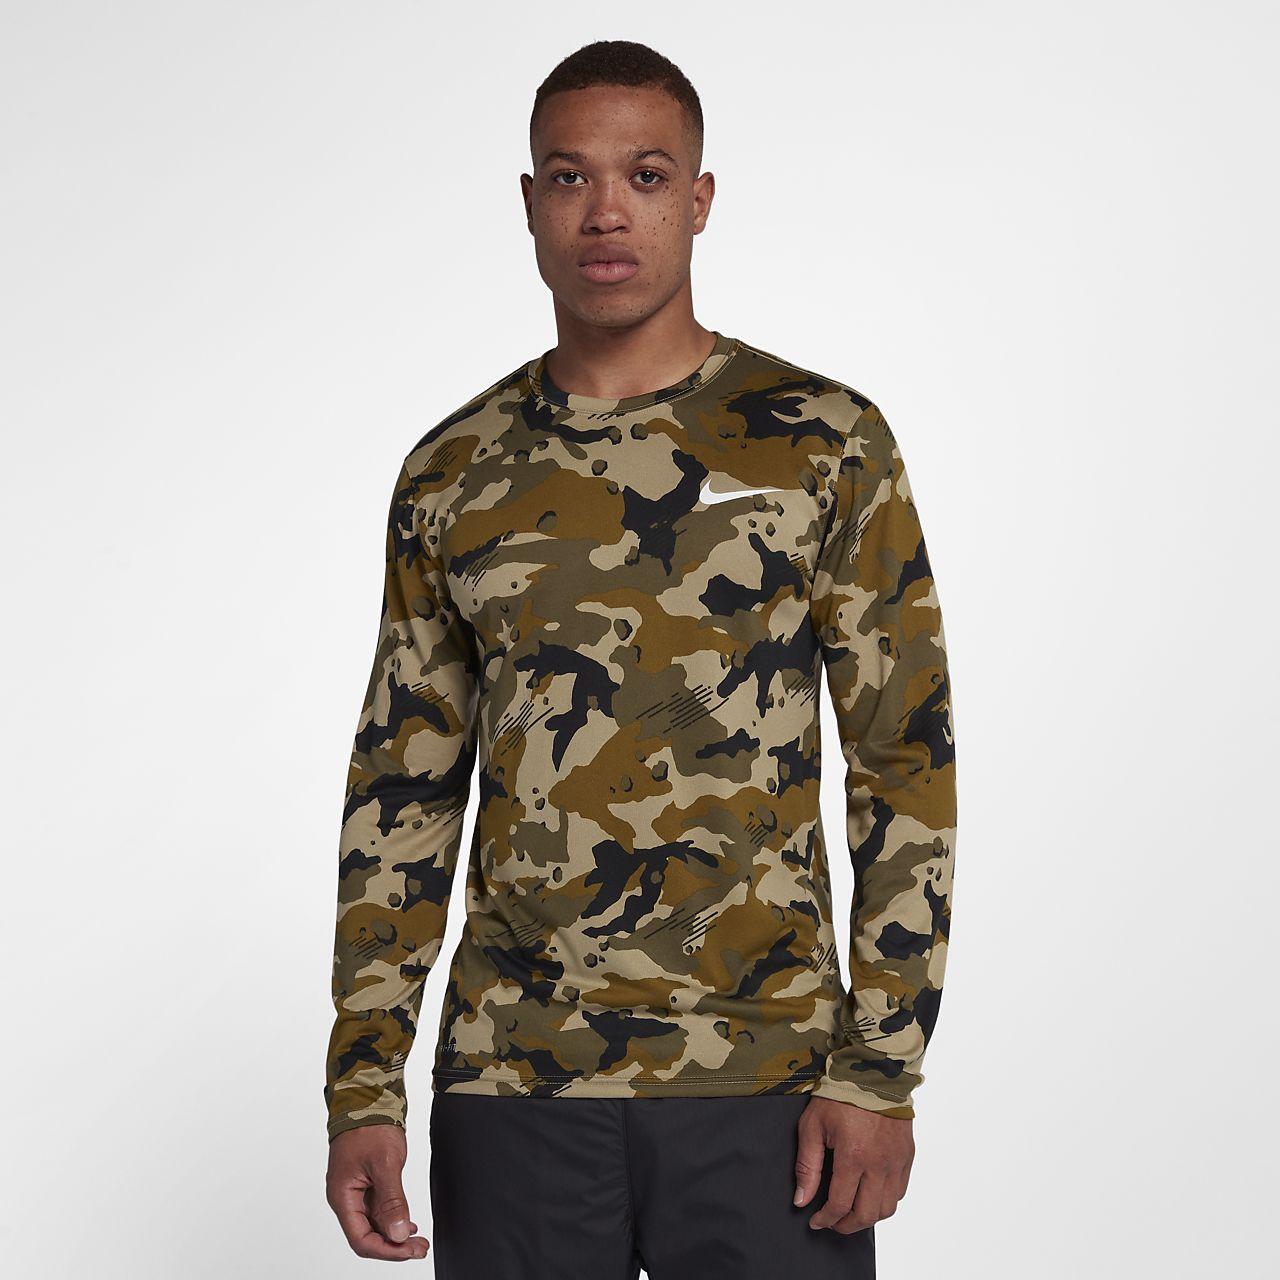 Haut de training à manches longues camouflage Nike Dri-FIT Legend pour Homme